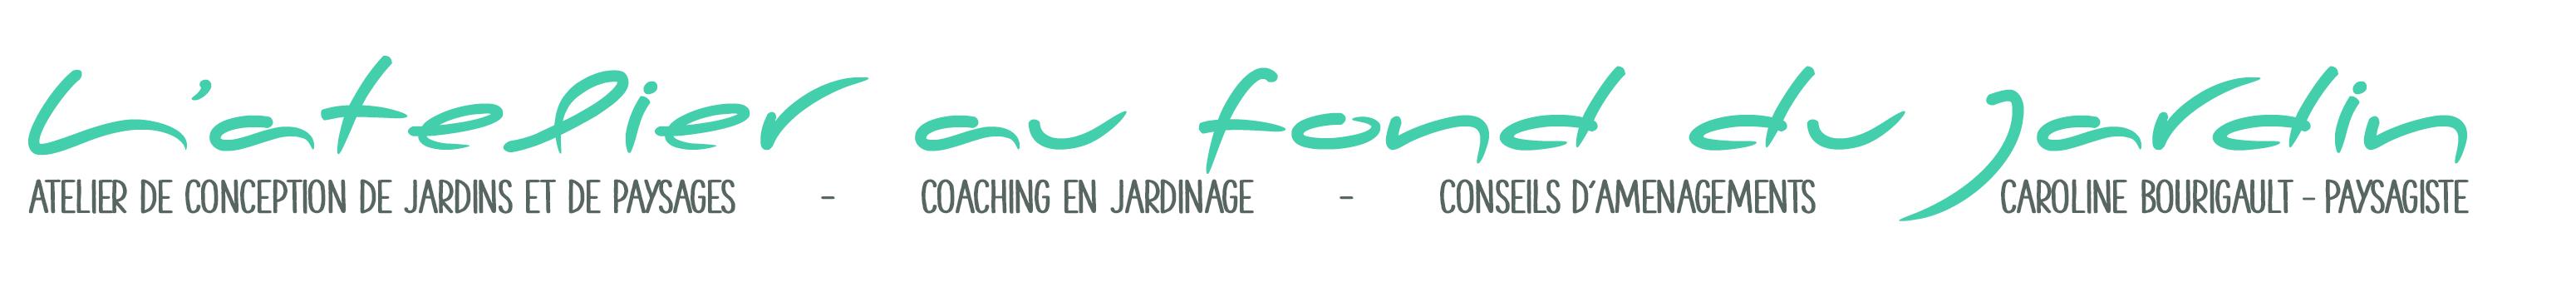 Atelier de conception de jardins et de paysages, coaching en jardinage conseil d'aménagement, Caroline Bourigault - Paysagiste